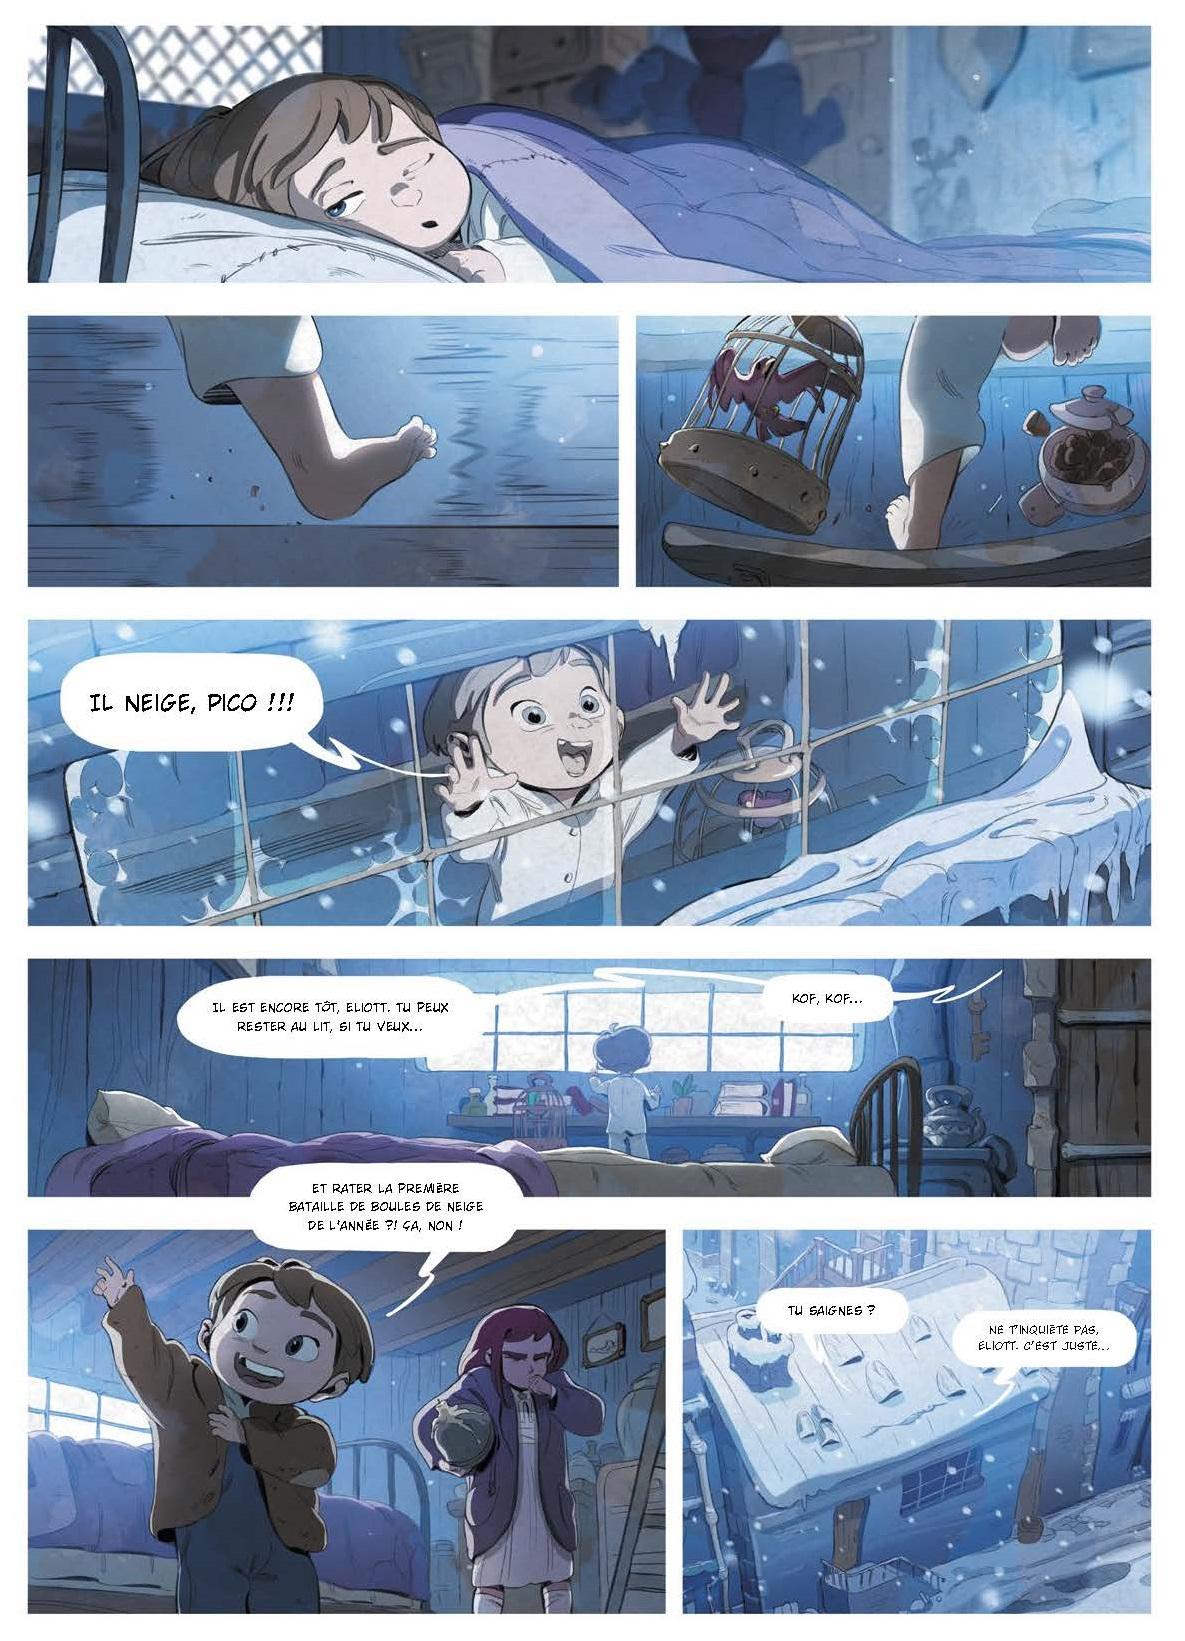 Dreams factory page 7